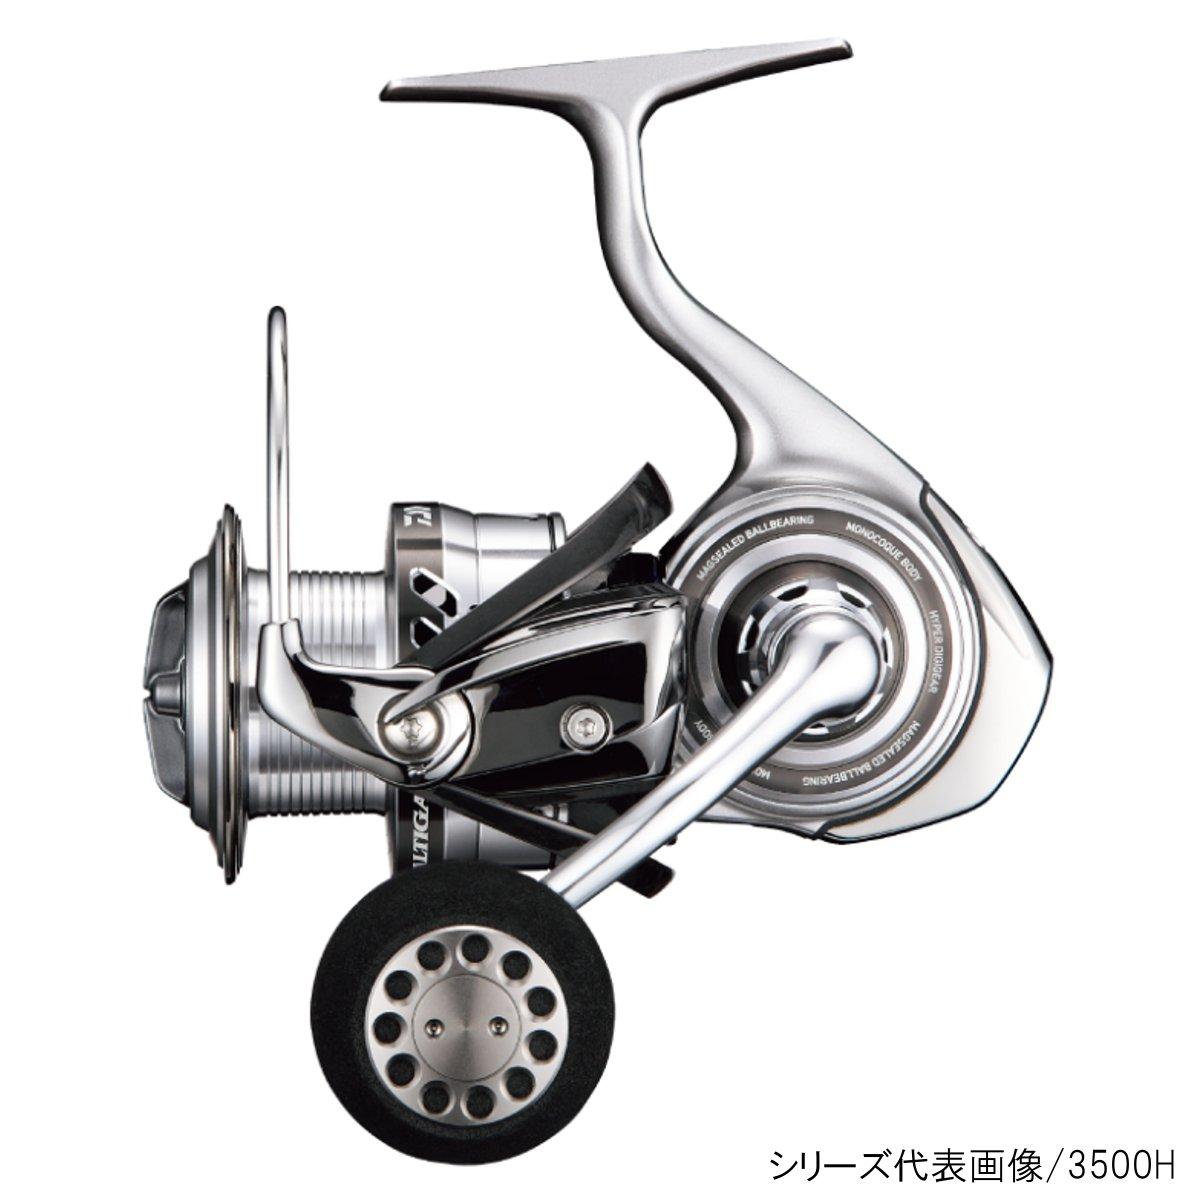 ダイワ ソルティガ BJ(ベイジギング) 4000SH